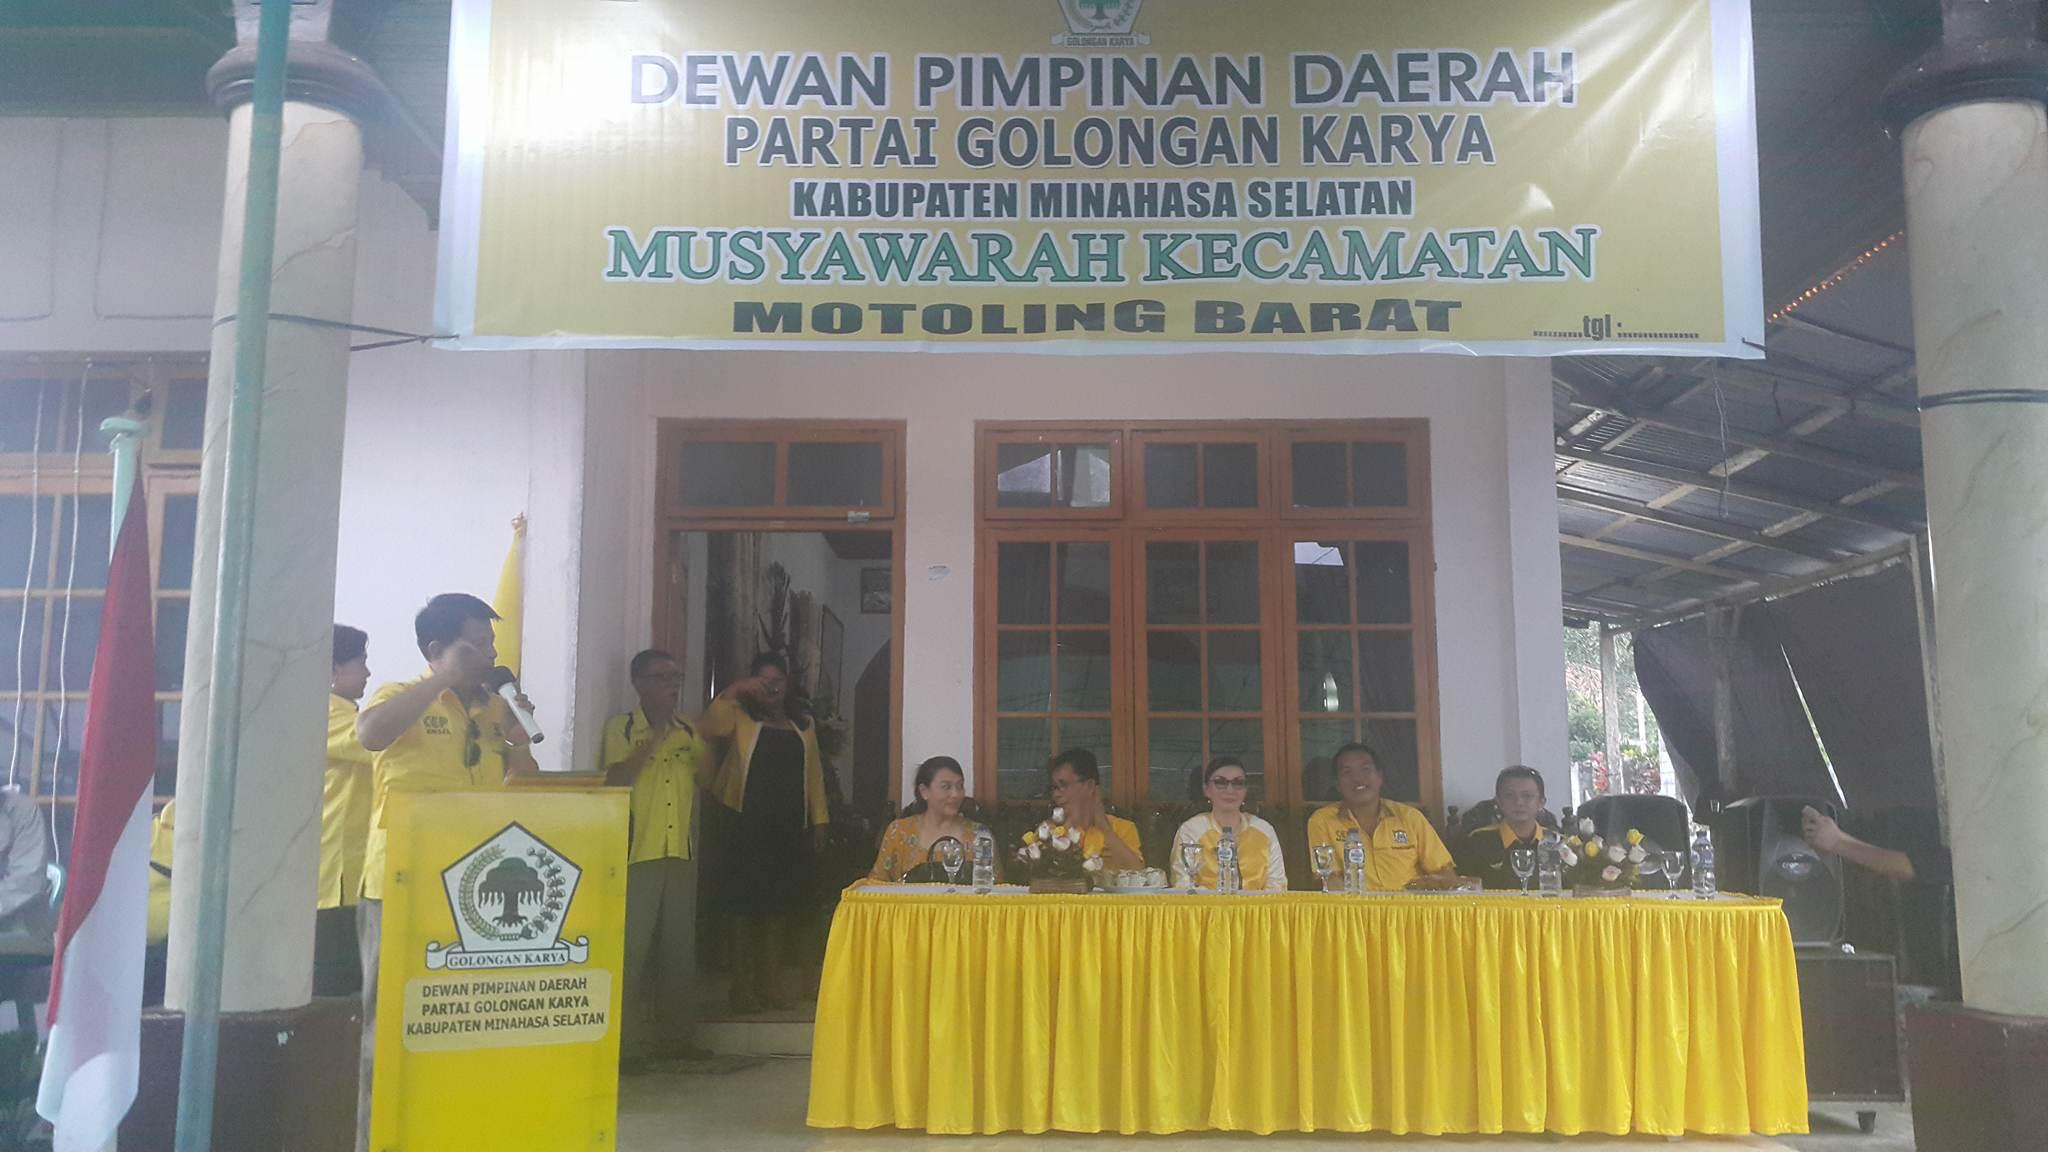 Paat dan Onibala Pimpin Partai Golkar Motoling dan Motbar